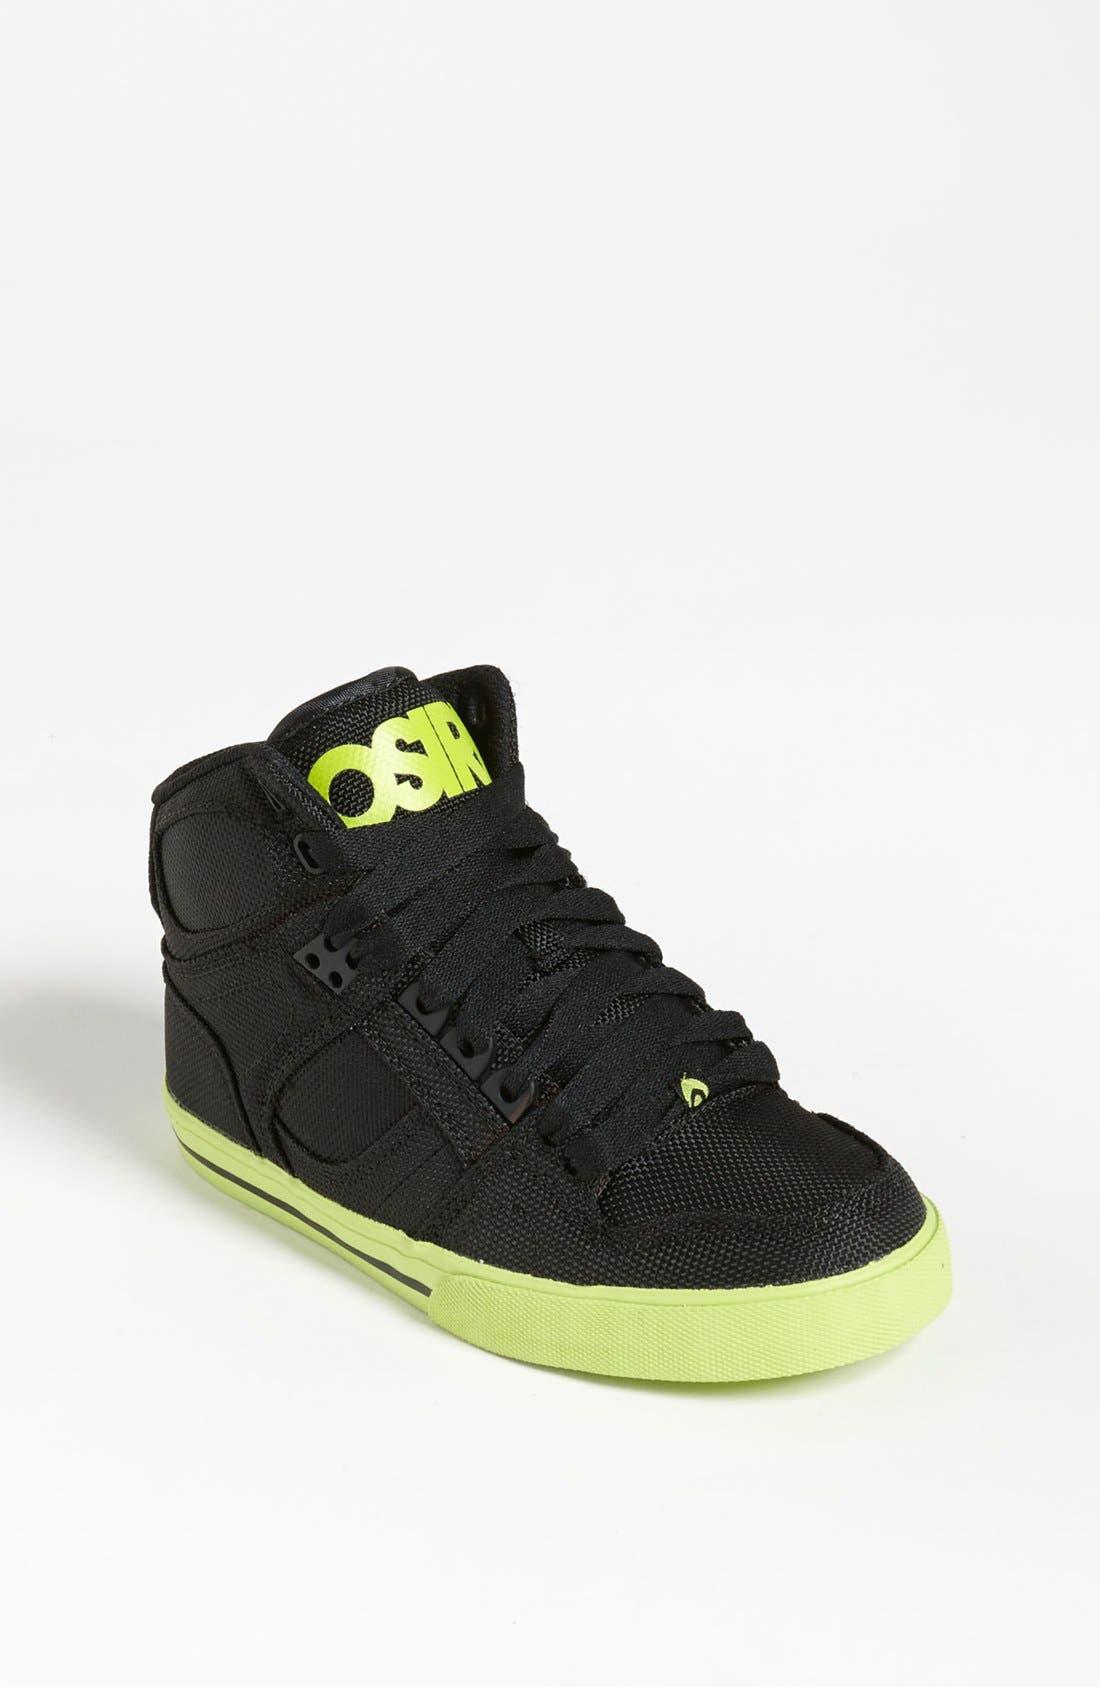 Main Image - Osiris 'NYC 83' Sneaker (Toddler, Little Kid & Big Kid)